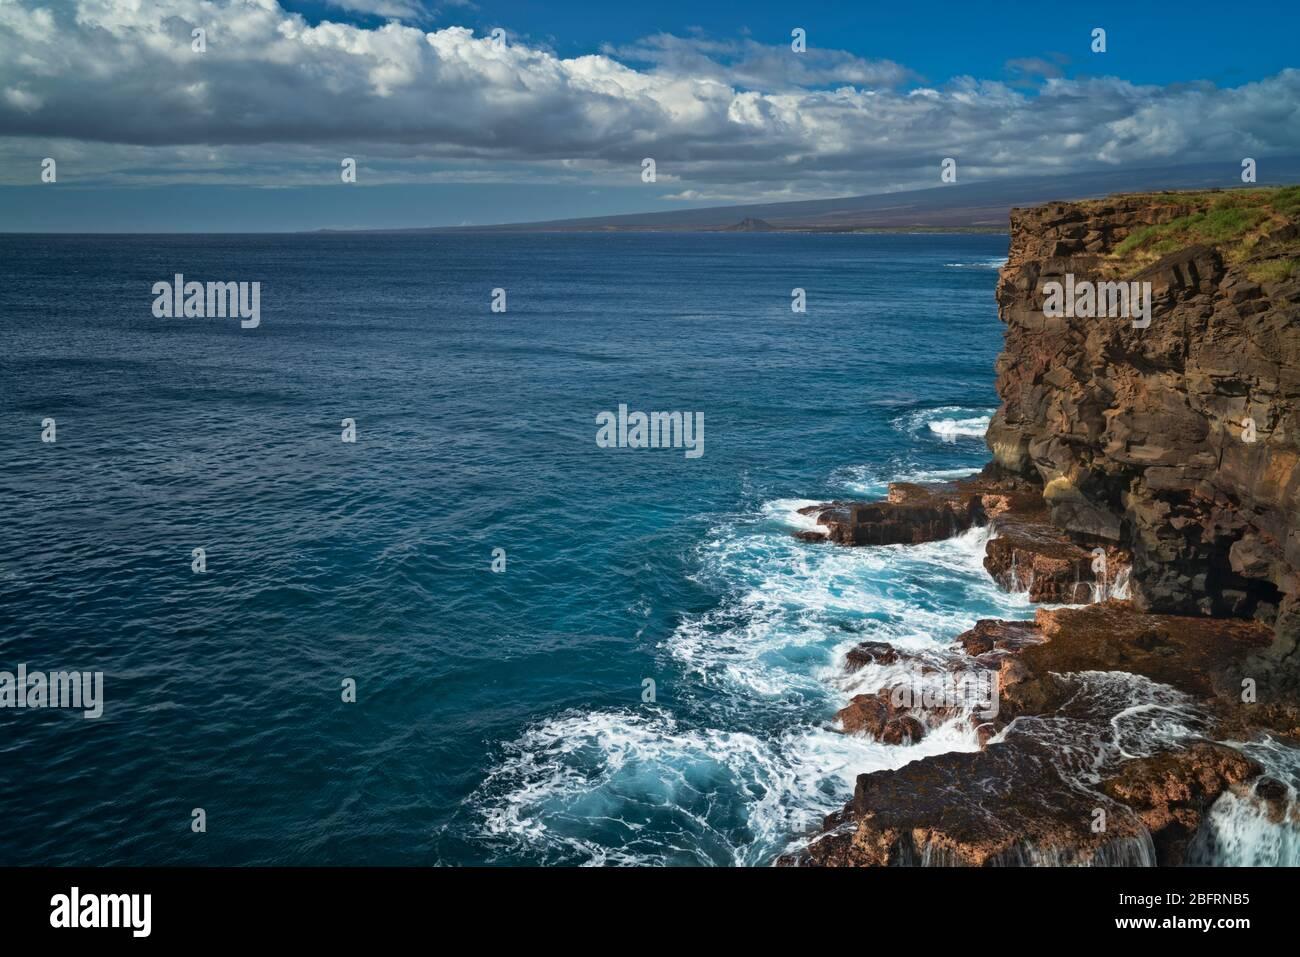 Les vagues s'écrasent contre les falaises volcaniques à South point sur la Grande île d'Hawaï et le sud le plus situé aux États-Unis. Banque D'Images